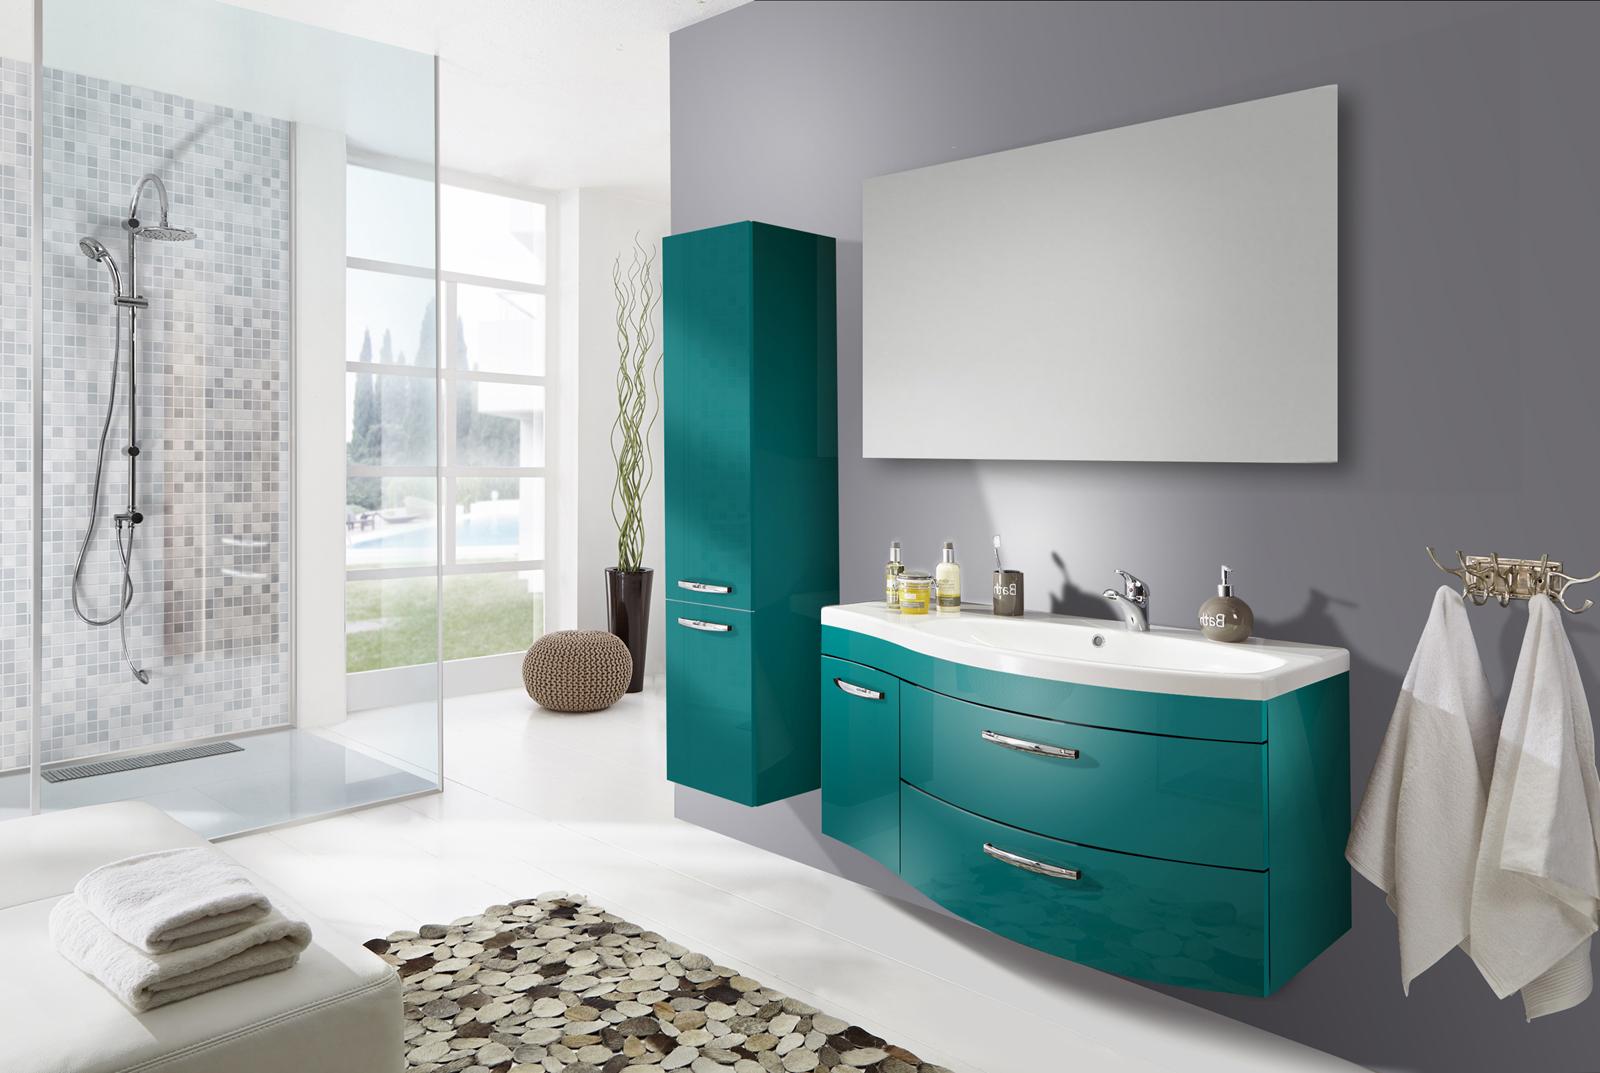 wohnideen wohnzimmer farbgestaltung. Black Bedroom Furniture Sets. Home Design Ideas